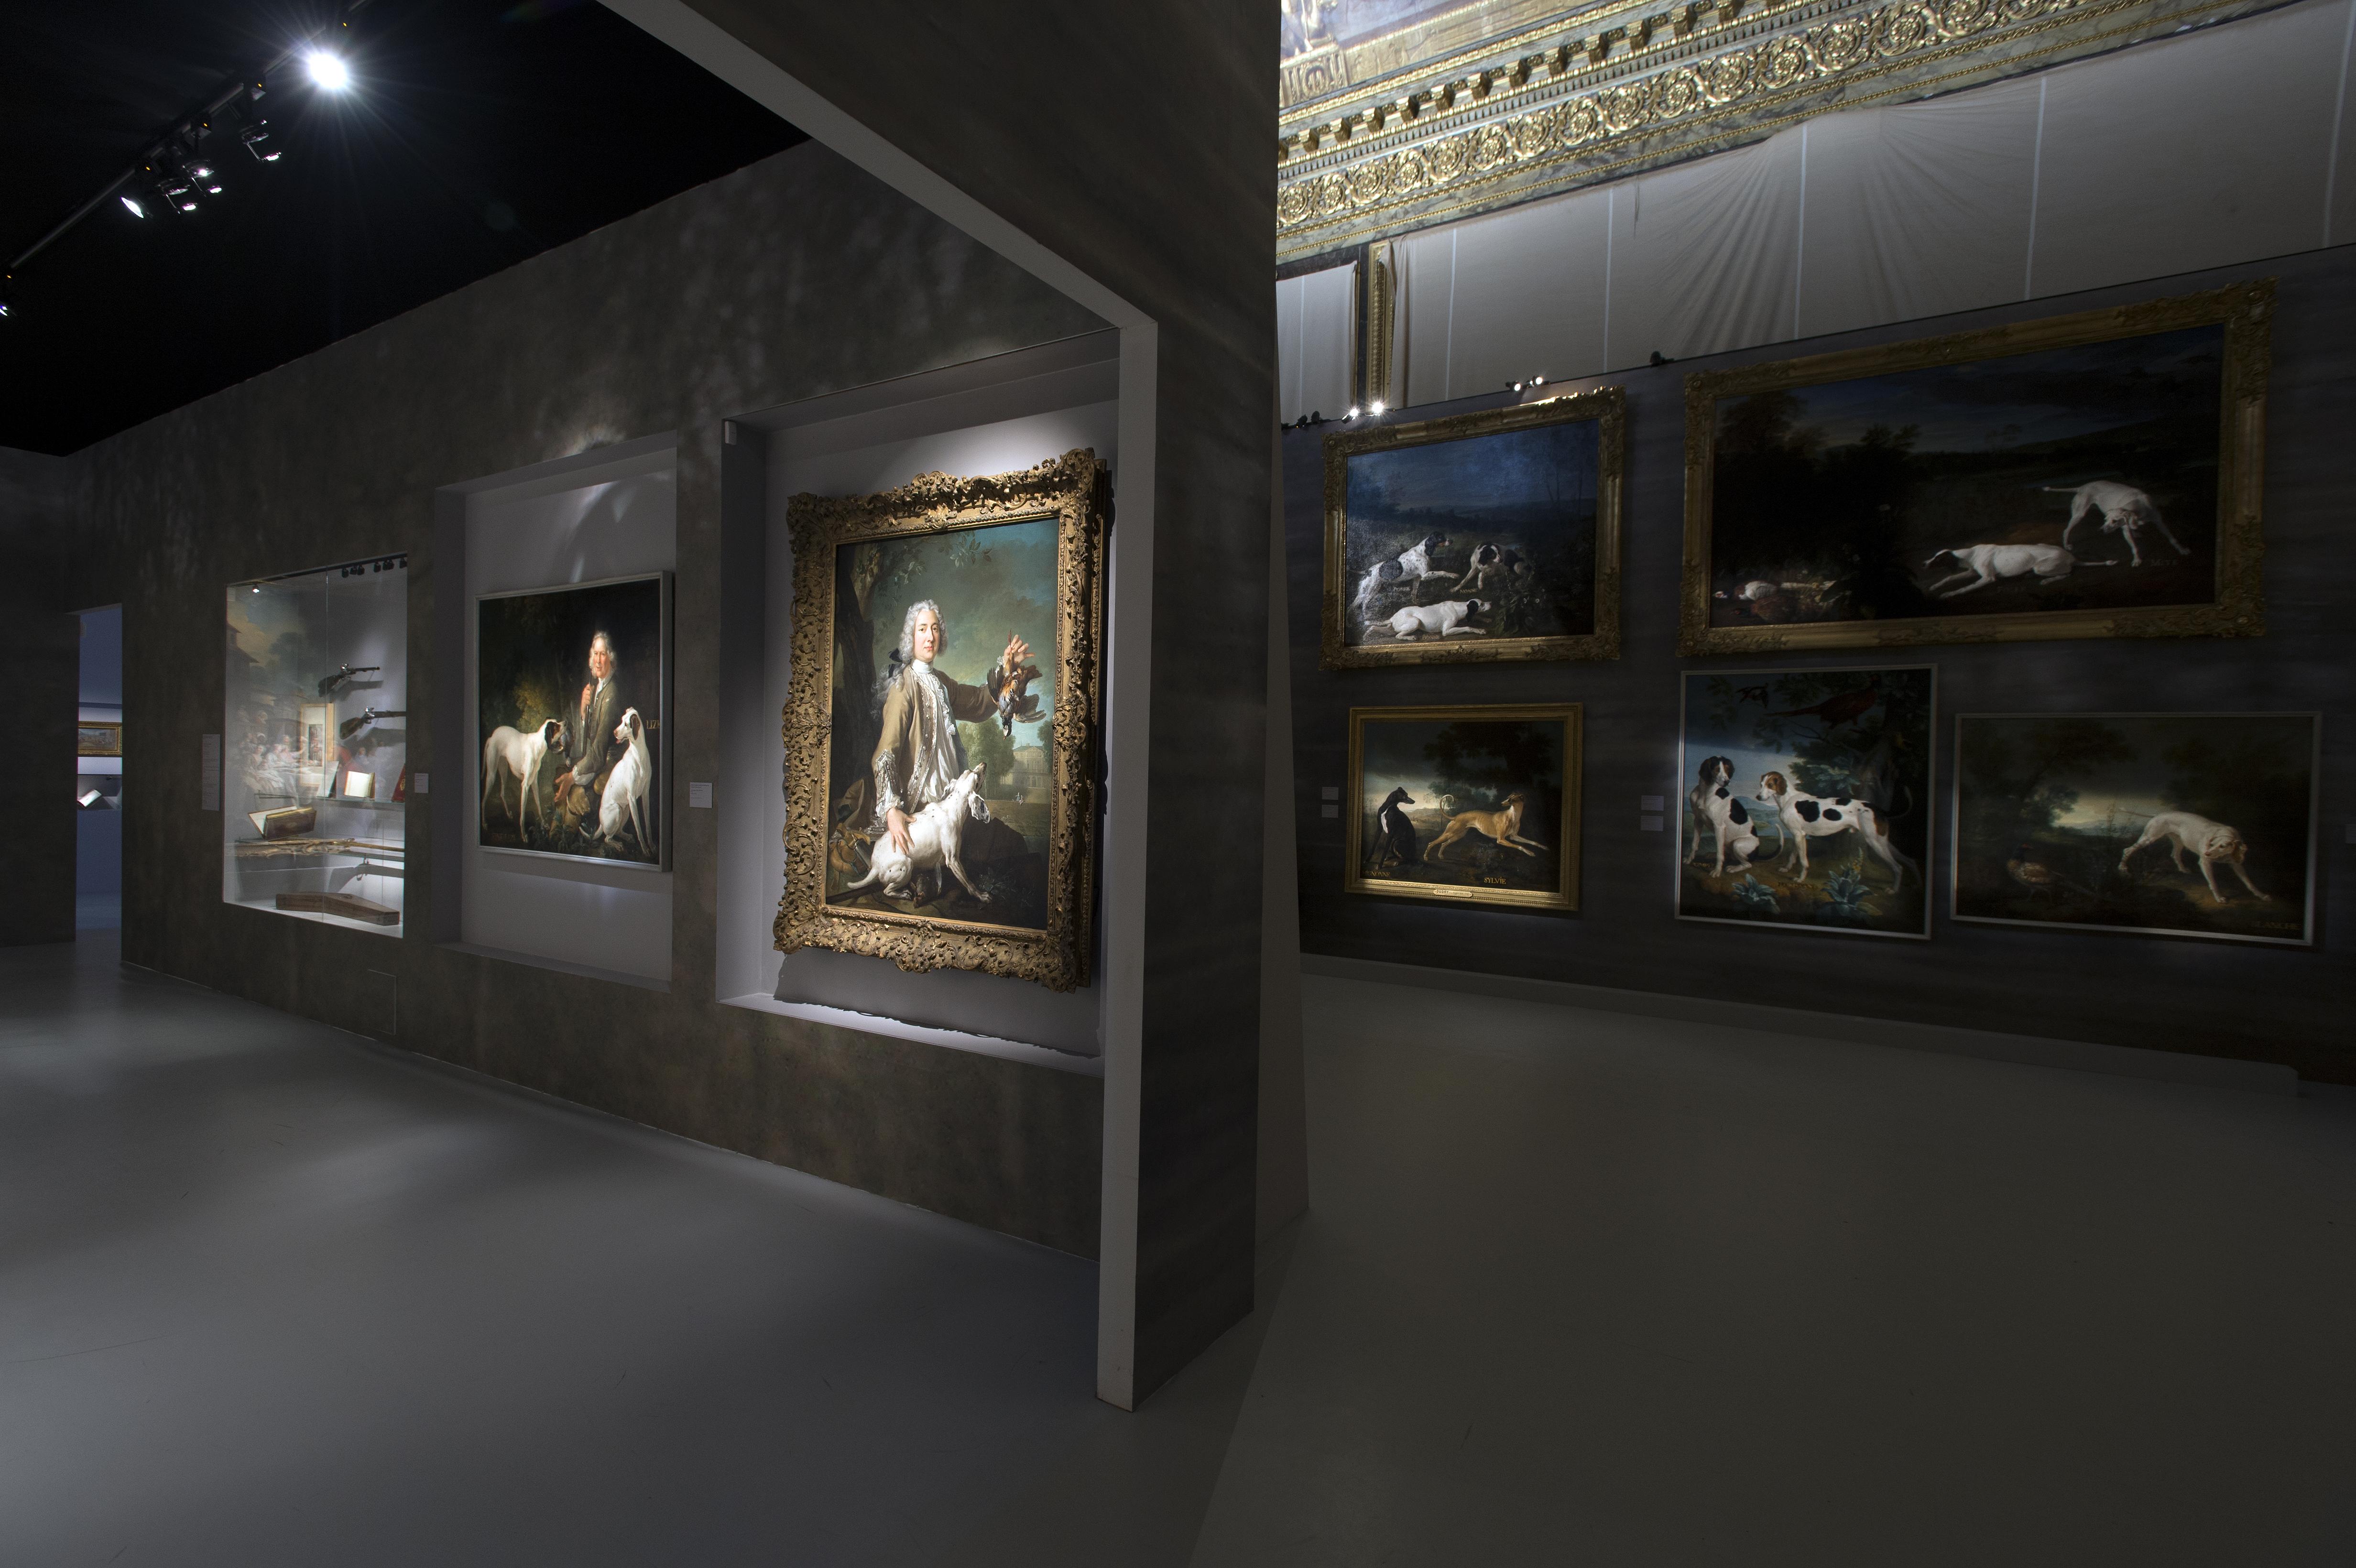 Vue de l'exposition © Château de Versailles, Didier Saunier.